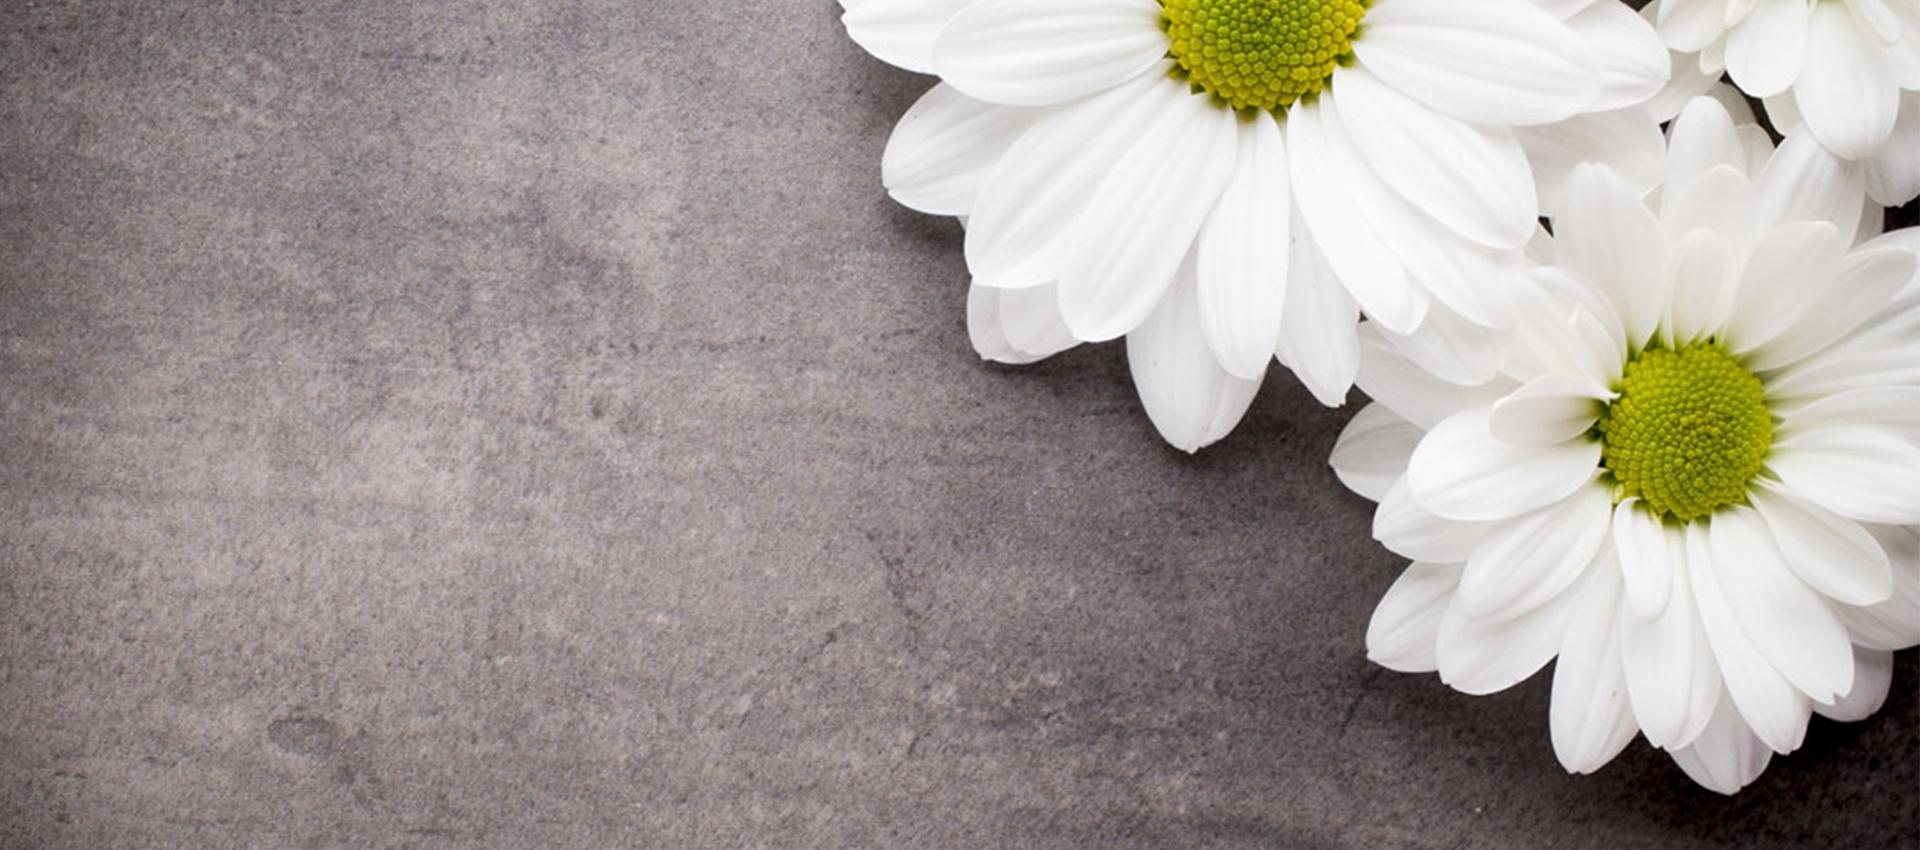 fresh margaritas blancas fondo blanco daisy antecedentes